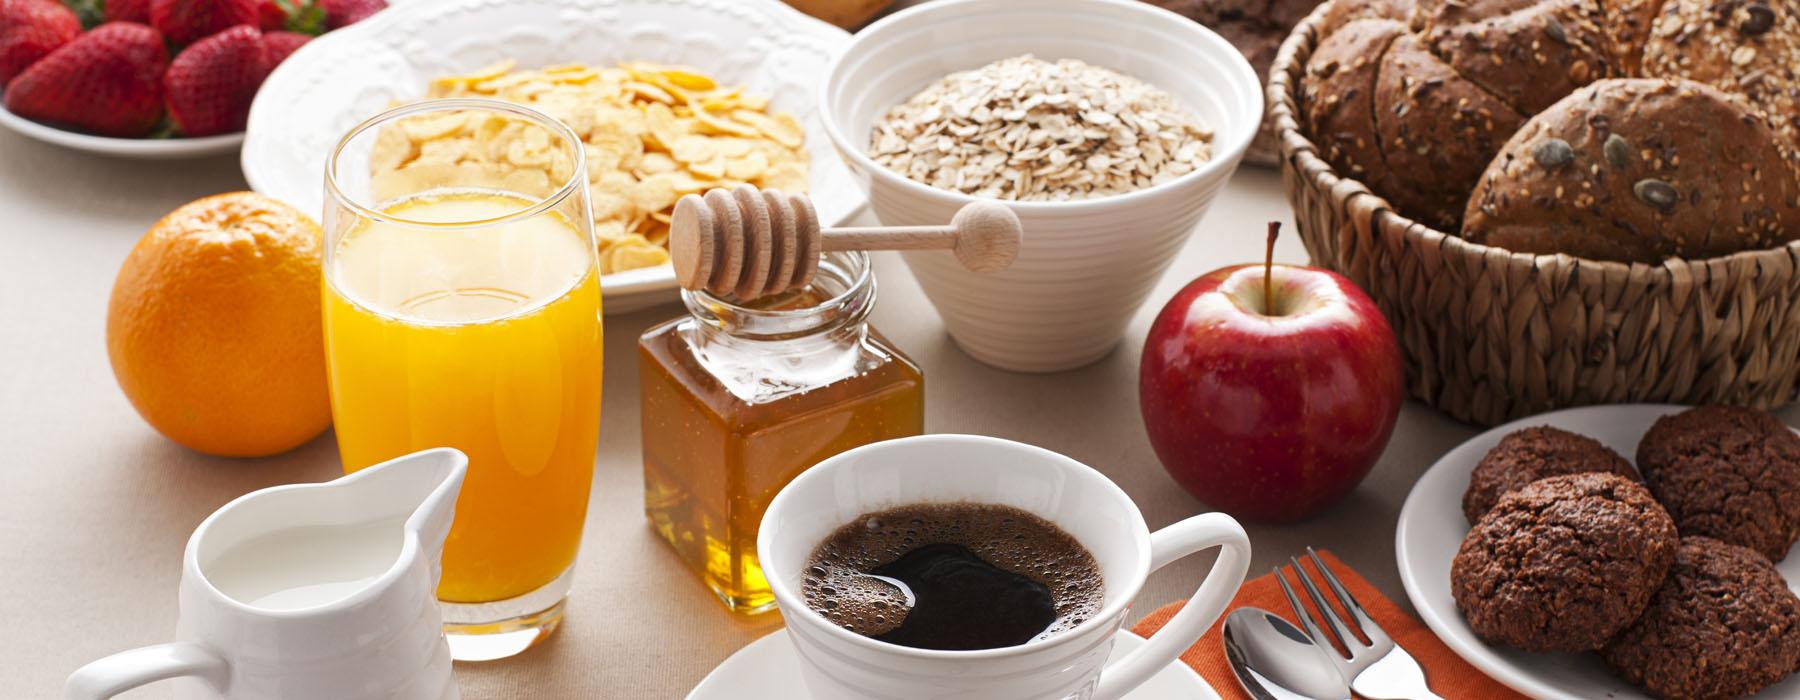 Especial desayuno